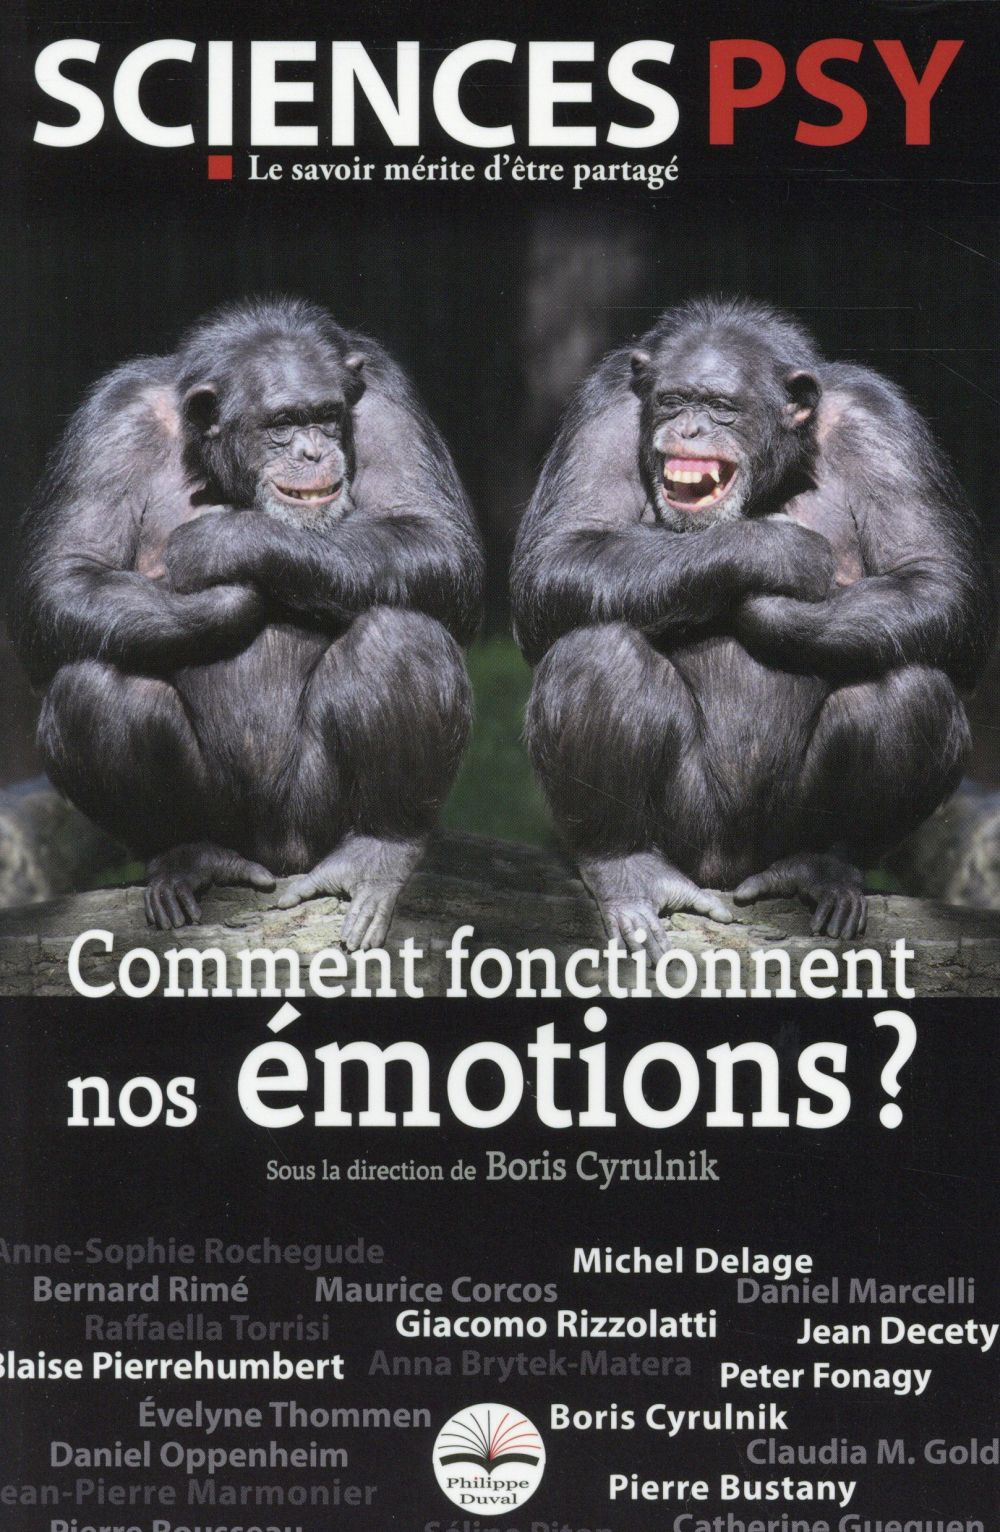 COMMENT FONCTIONNENT NOS EMOTIONS